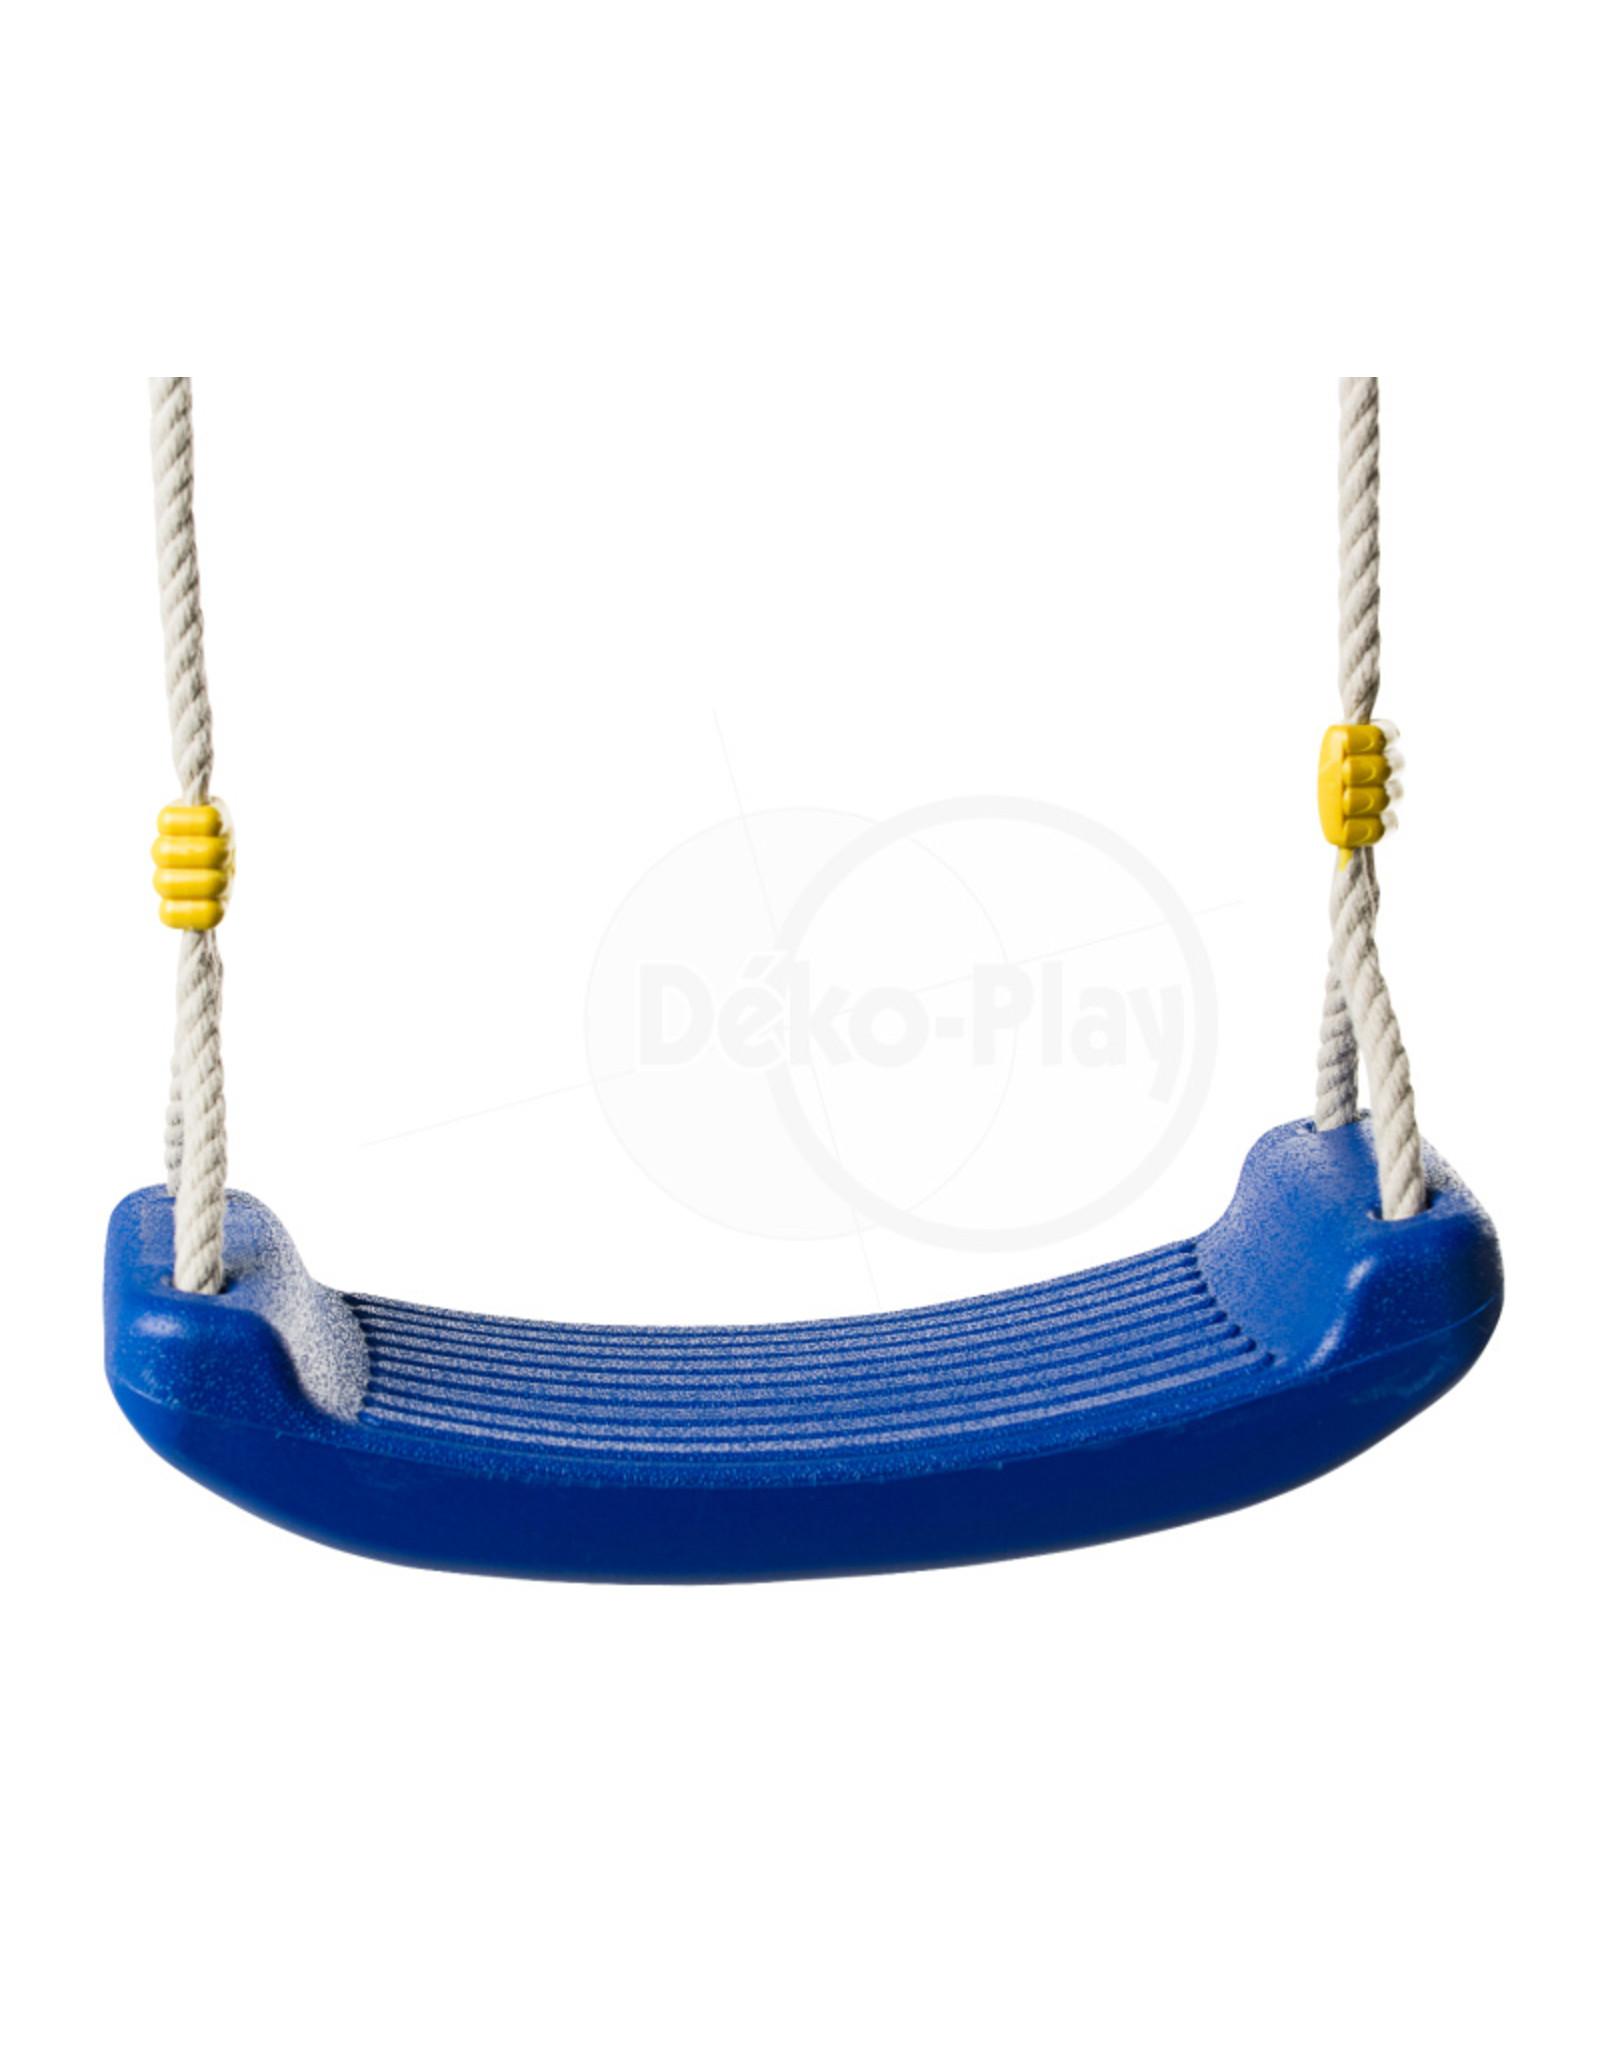 Déko-Play Déko-Play kunststof schommelzitje blauw